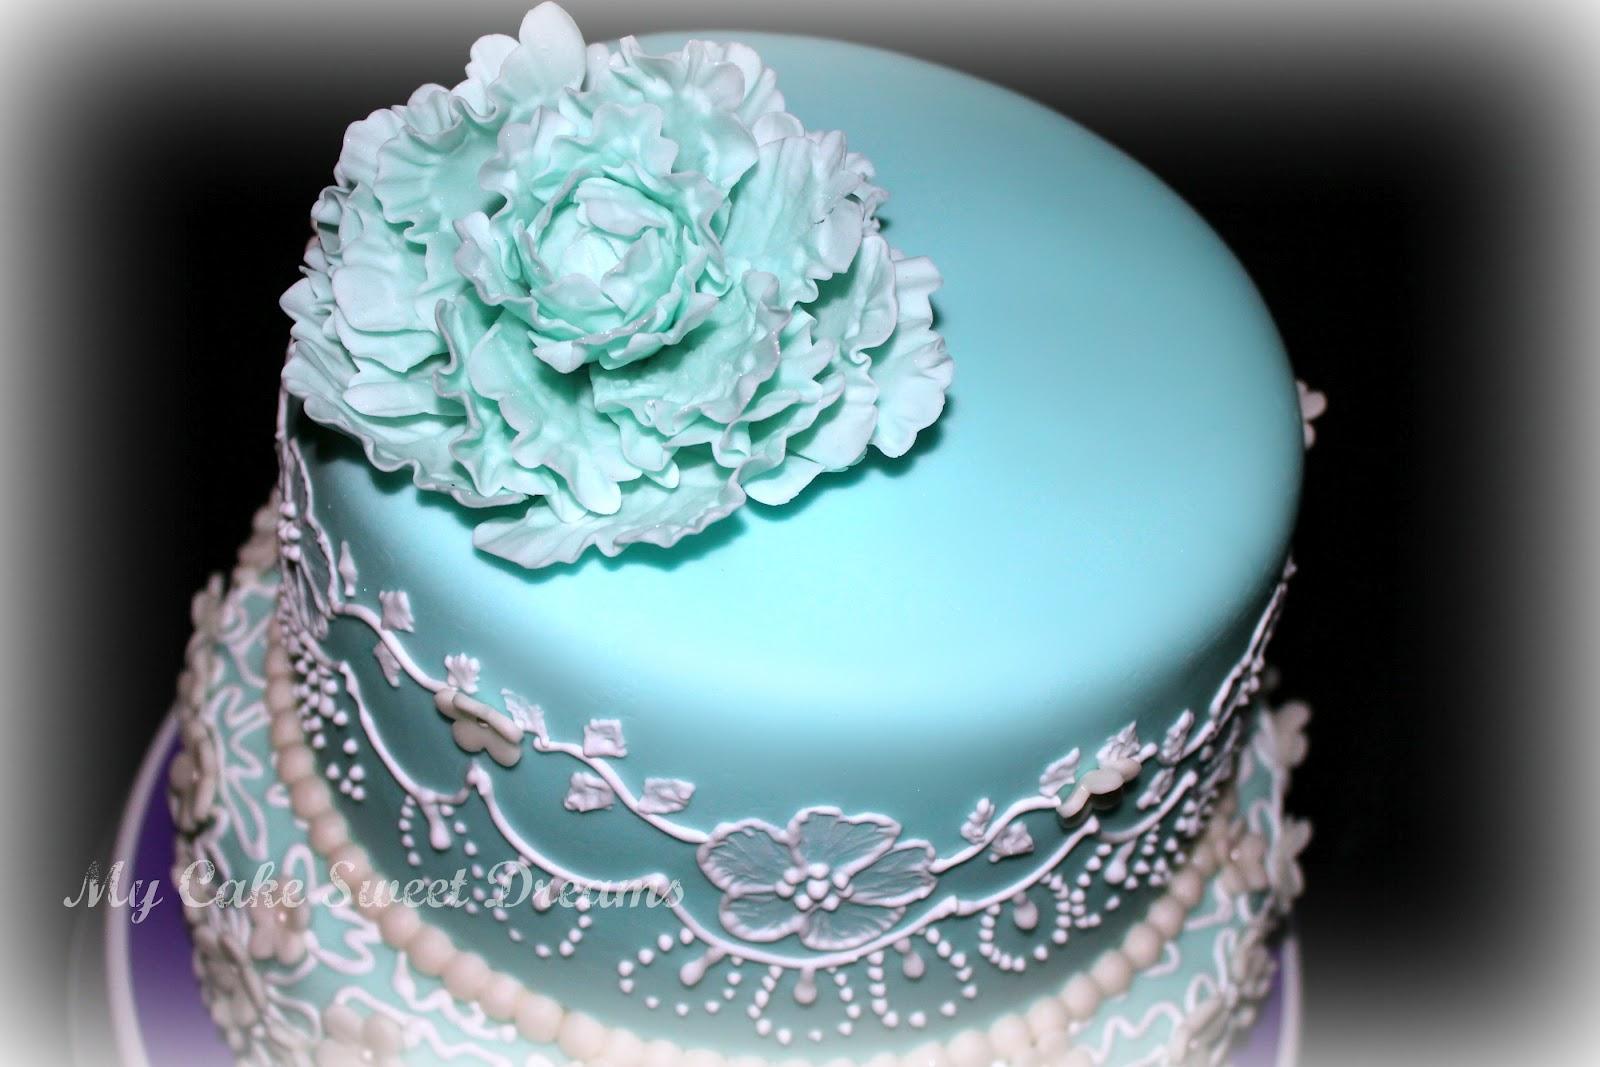 99 Birthday Cake For 14 Yr Old Boy